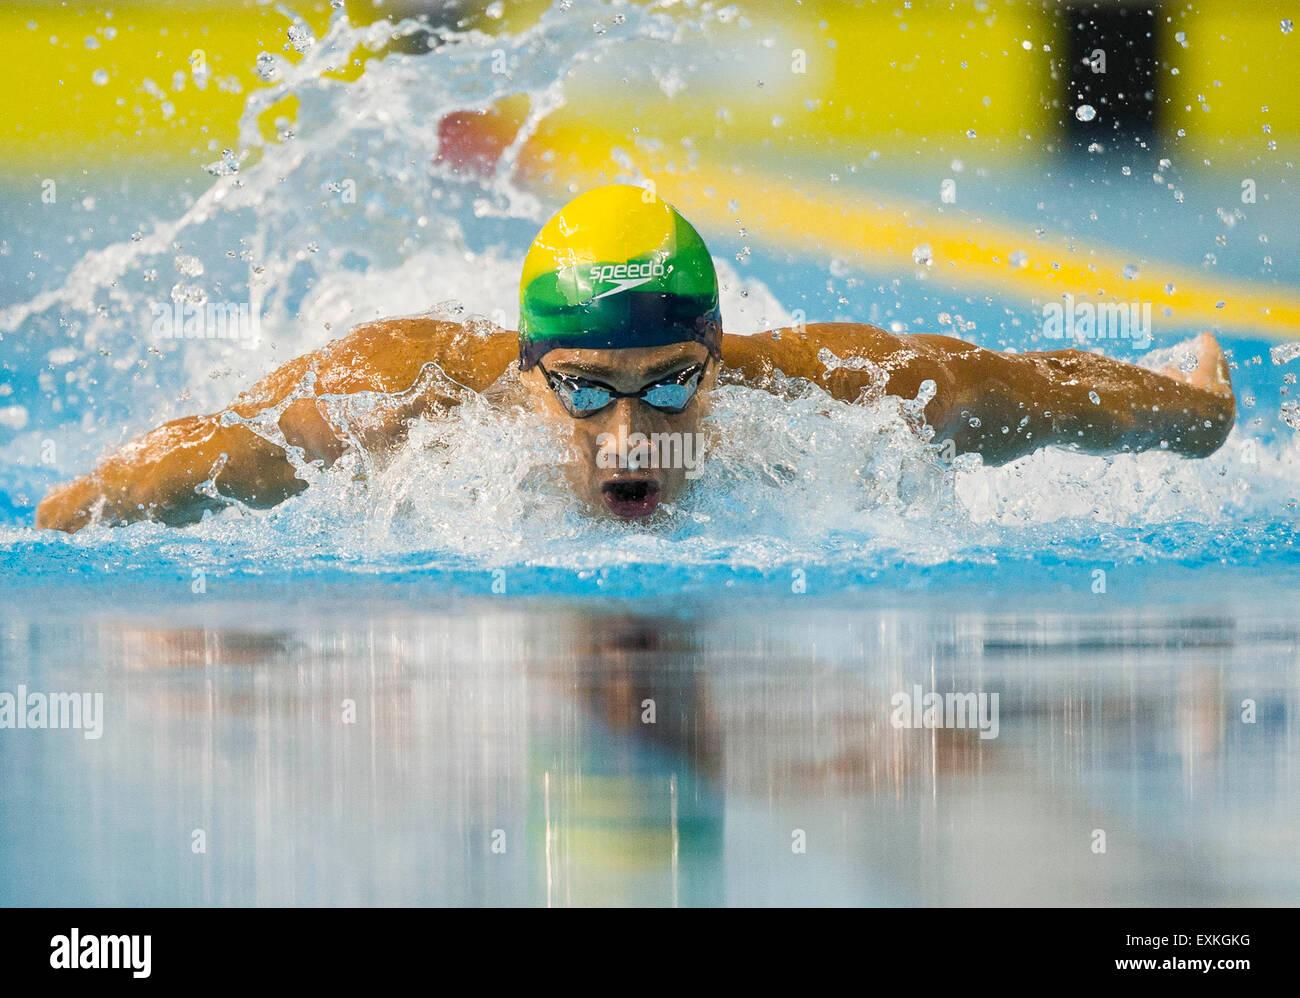 Toronto, Canada. 14 Luglio, 2015. Leonardo De Deus del Brasile compete durante gli uomini 200m Butterfly finale Immagini Stock